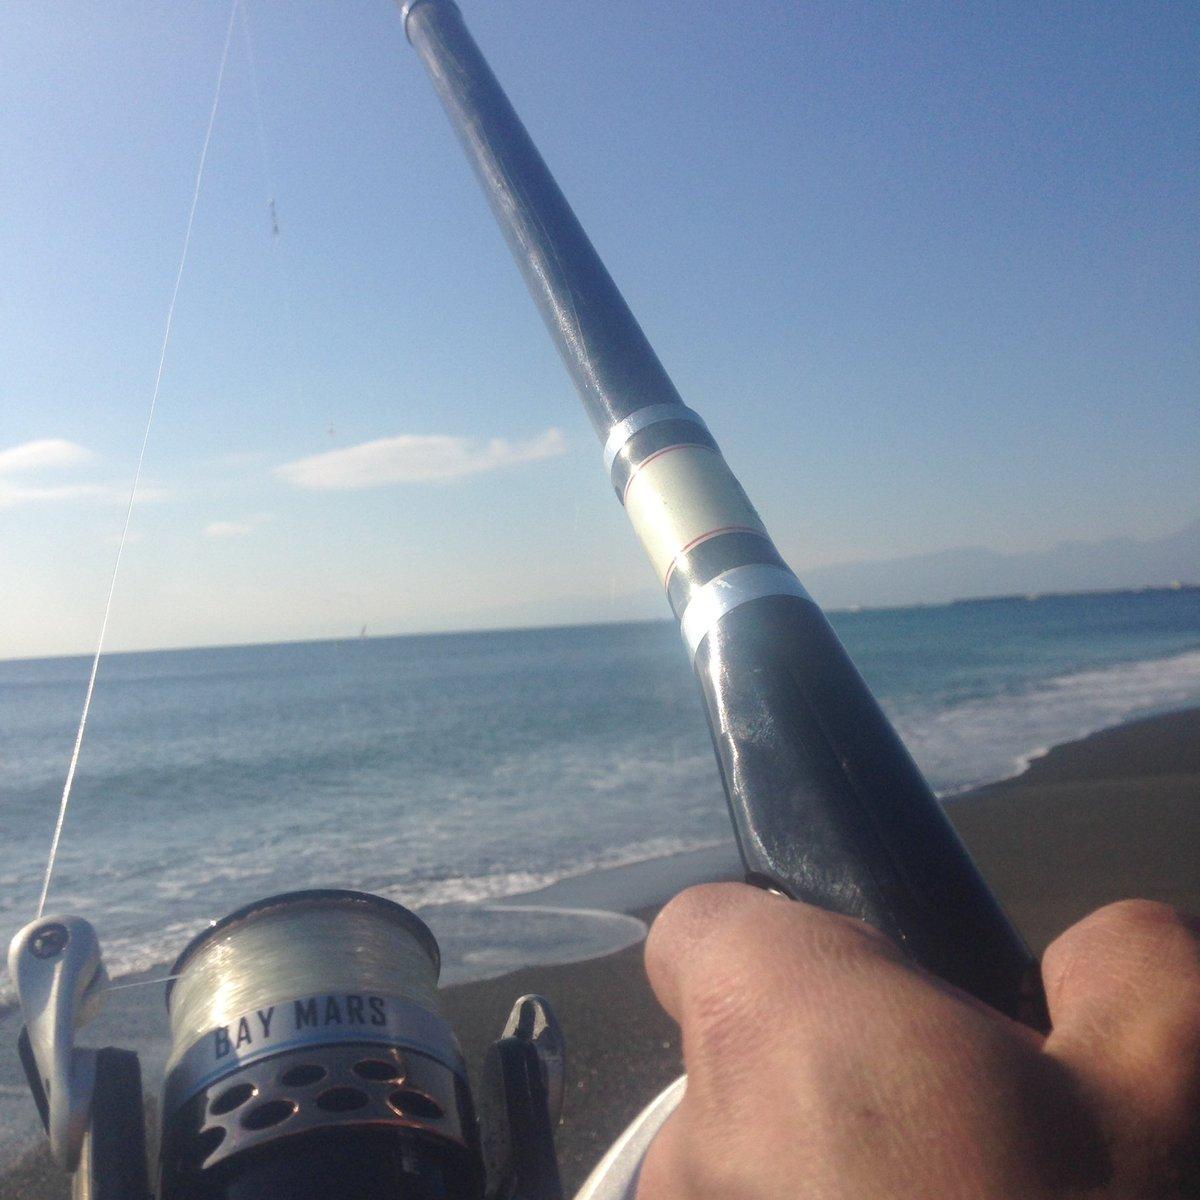 10時45分。   虹ケ浜をテキトーに釣り歩いてるんだけど、魚の反応まったく無し・・・・・・。  #平塚海岸 https://t.co/F0aEg2cViX